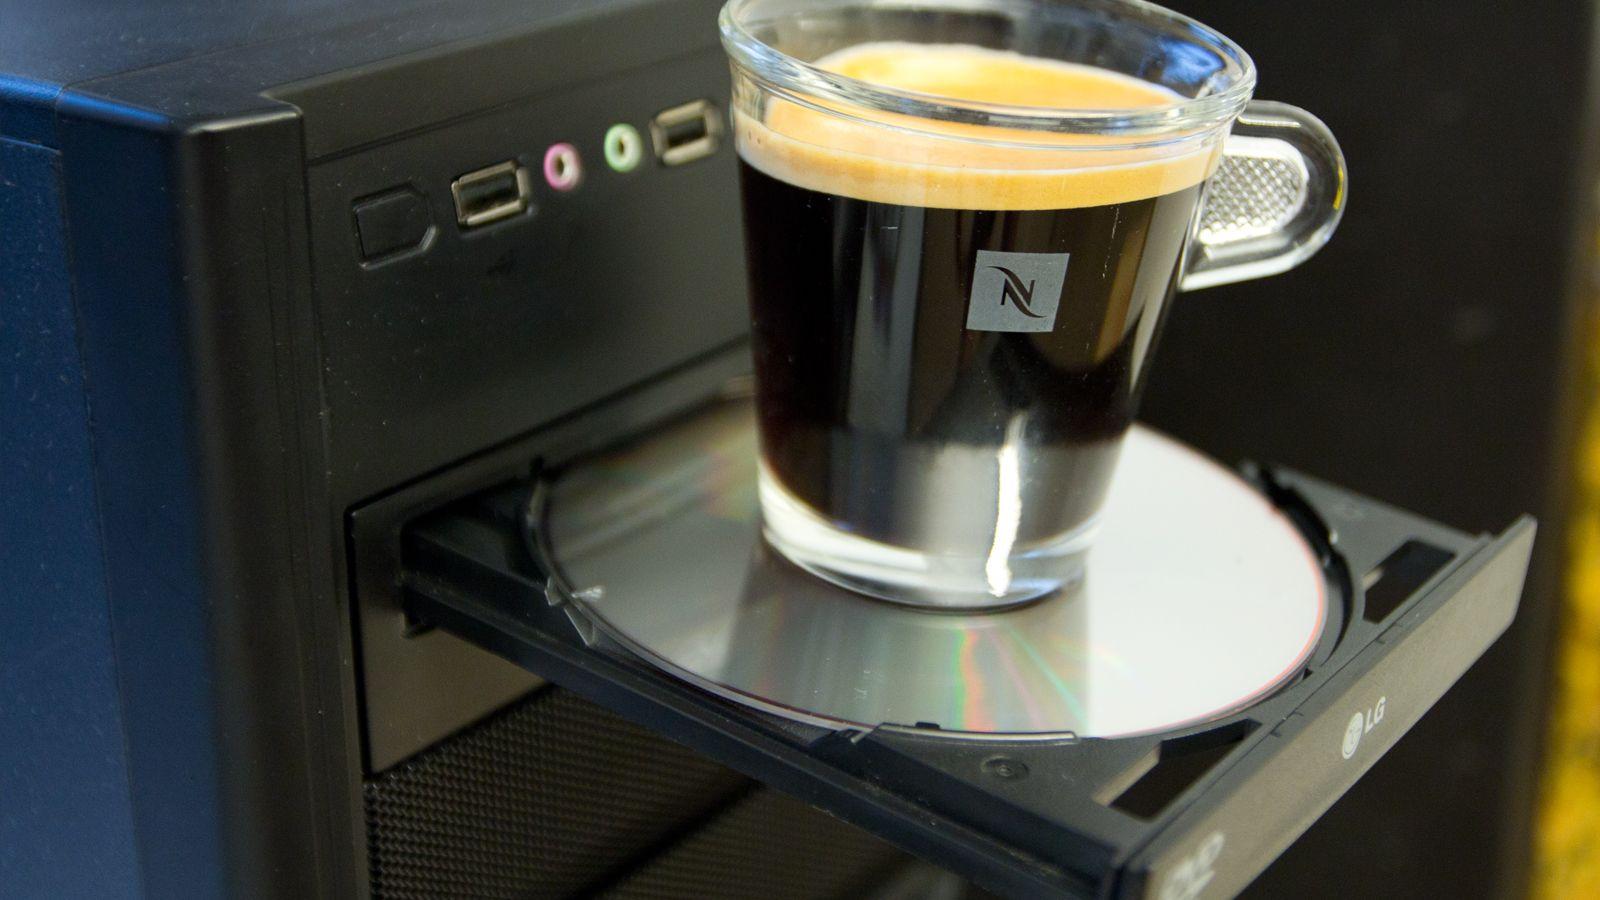 Kaffekoppholder er ikke nødvendigvis standard på nyere PC-er.Foto: Rolf B. Wegner, Tek.no